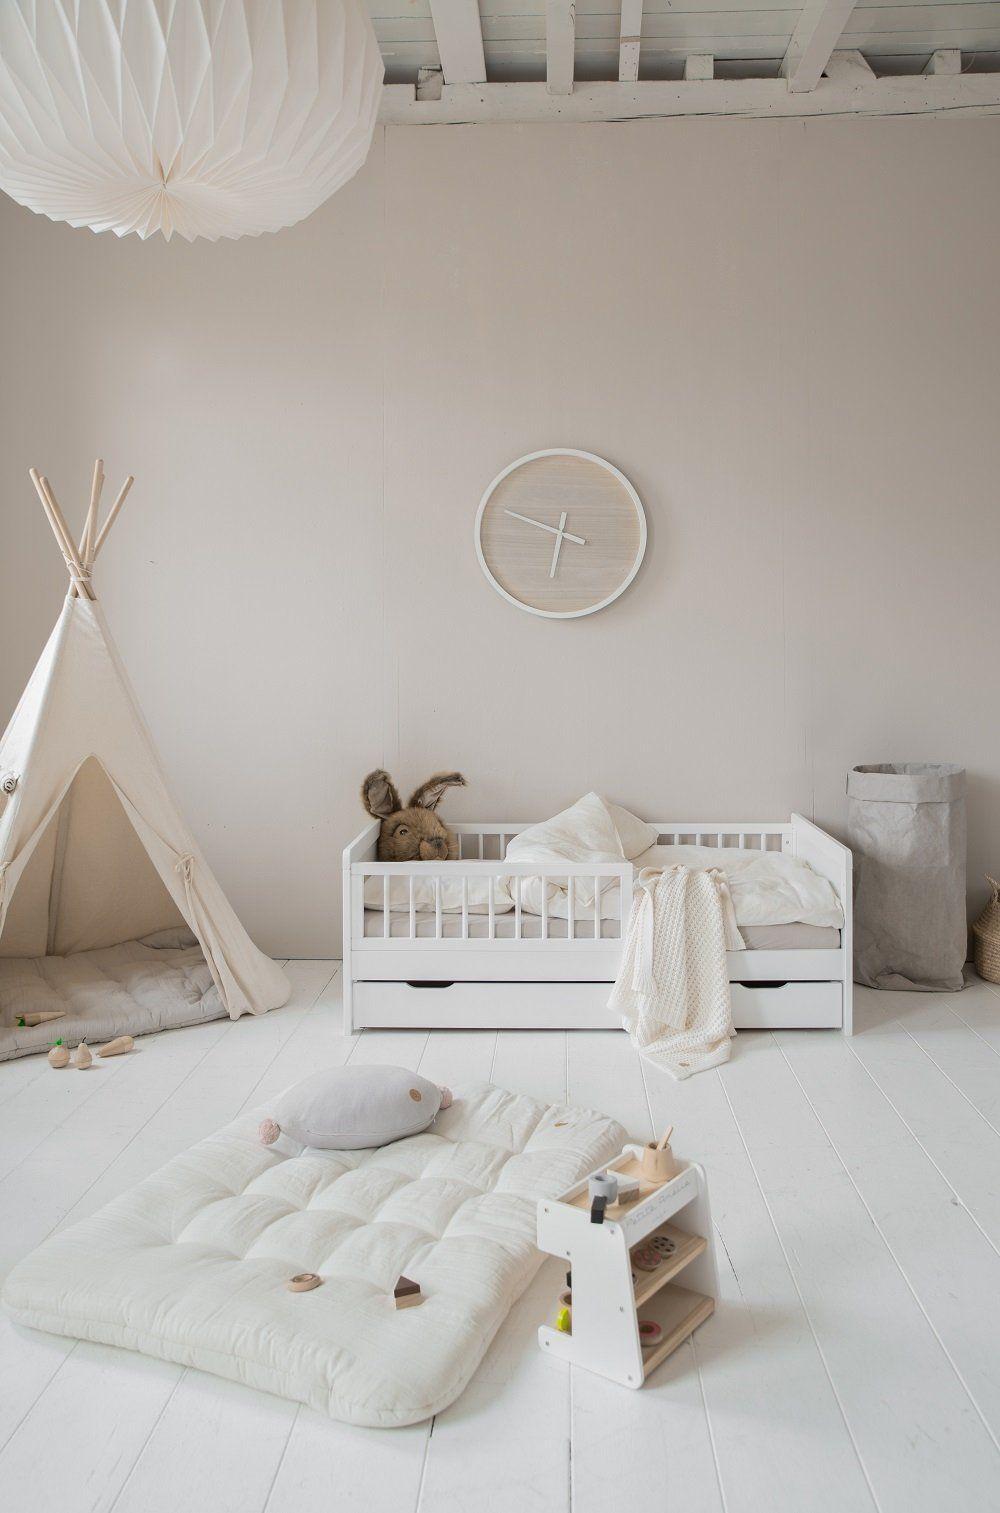 Lit Enfant Barrieres 2 Ans Bois Blanc 70x140 Cm Petite Amelie